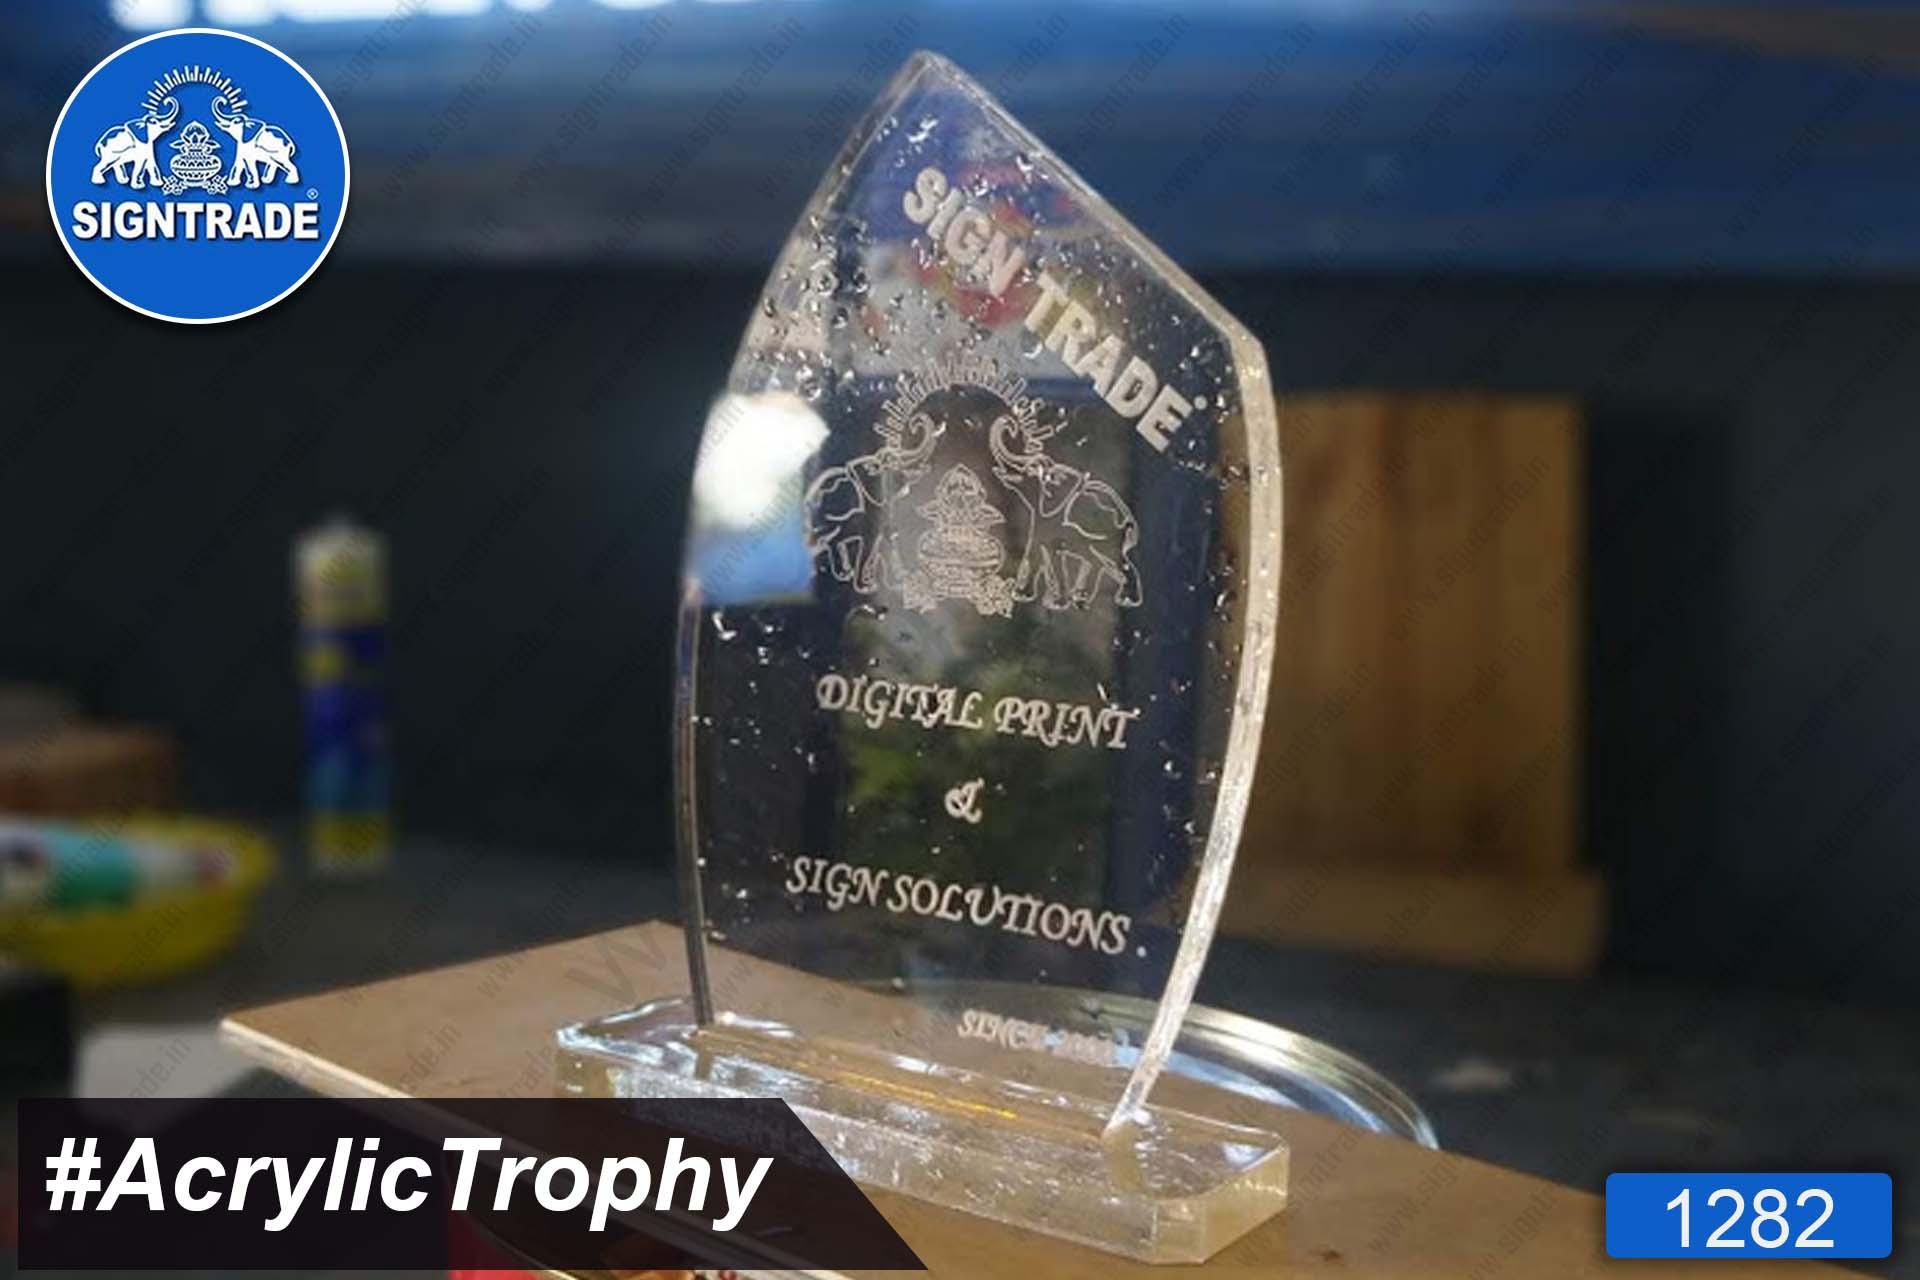 Acrylic Trophy (SIGNTRADE)